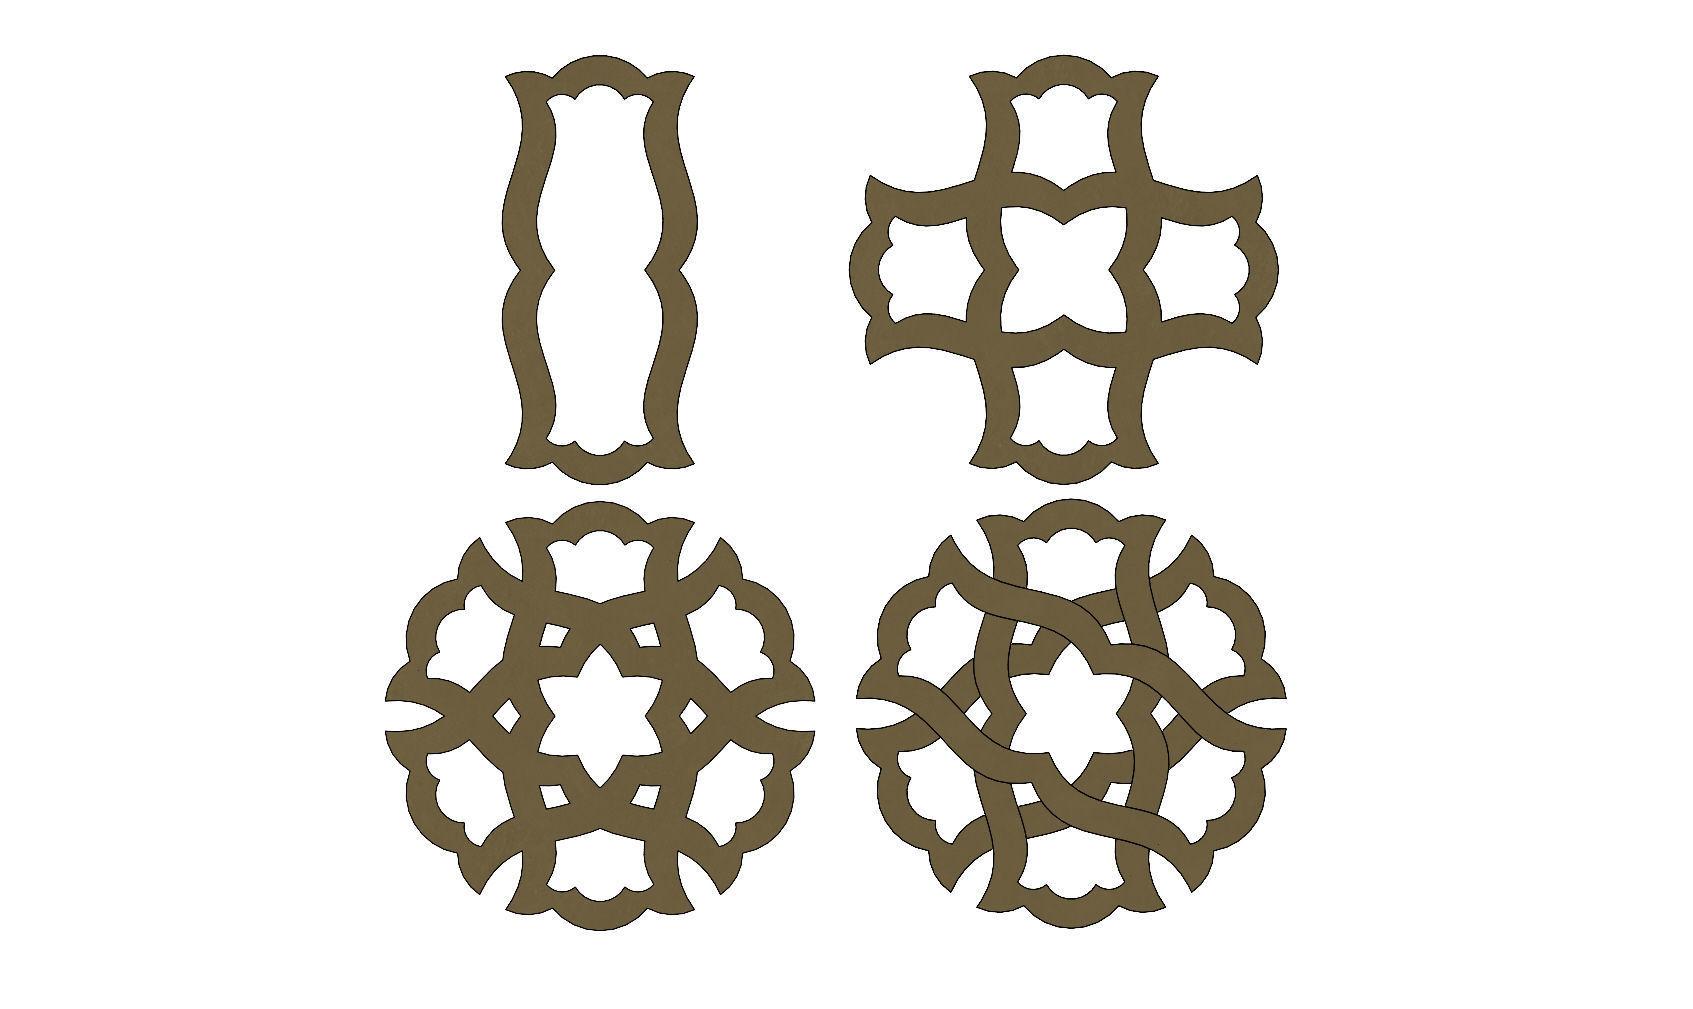 Arabian pattern pendants earrings or charms